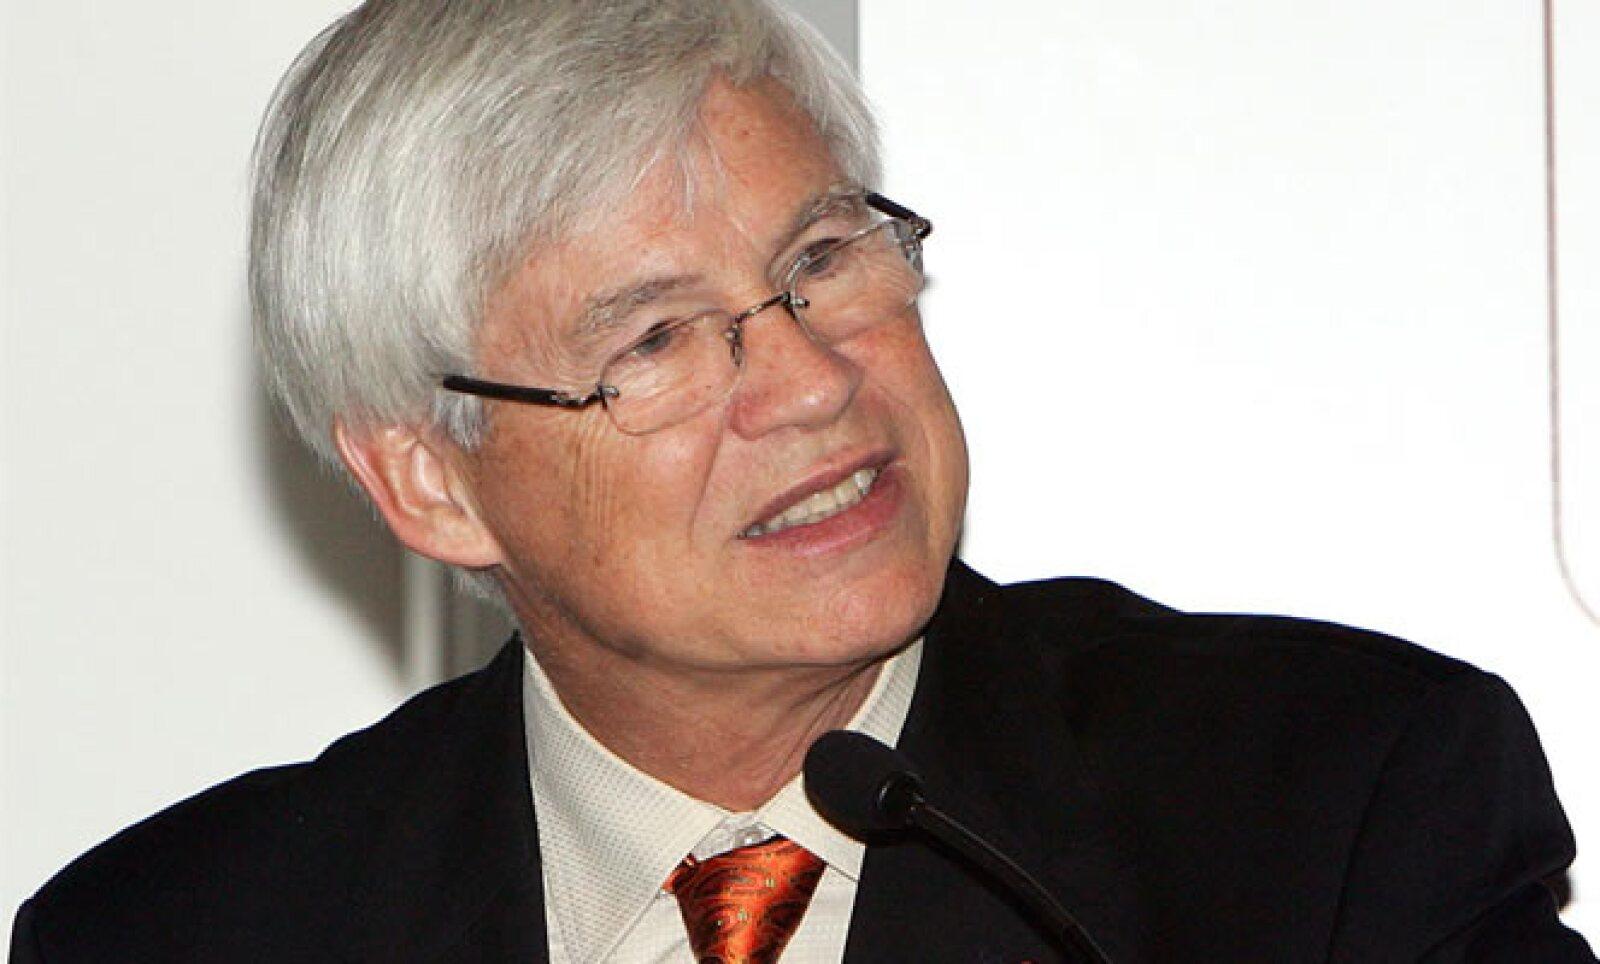 Robert Engle, premio Nobel de Economía 2003, criticó el martes 22 la creación de nuevos impuestos como medida de impulso económico en México. Sugirió flexibilizar y minimizar la reglamentación para la creación de pequeñas empresas.